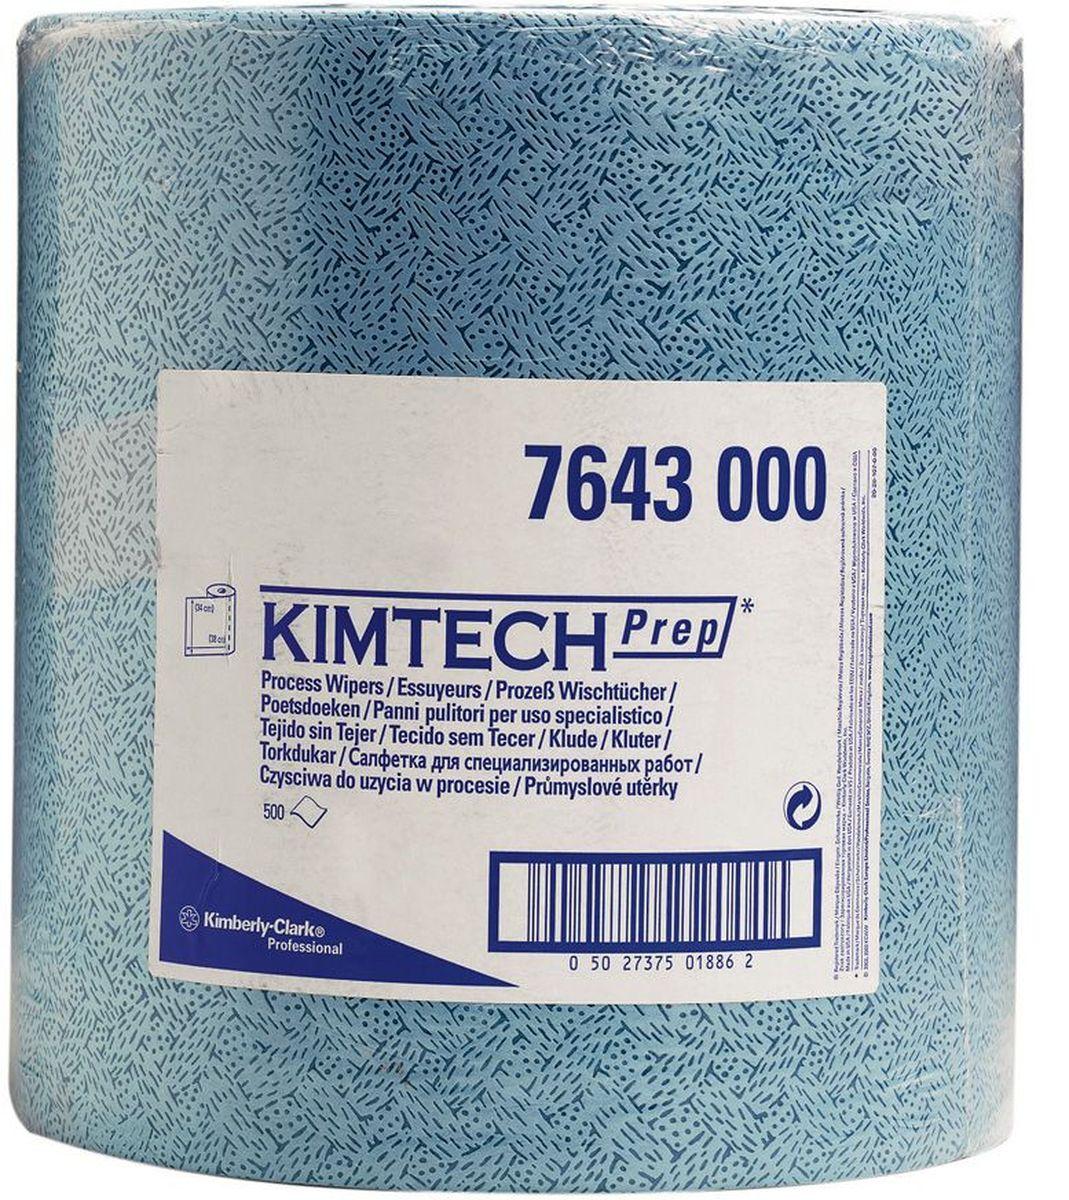 Салфетка протирочная Kimtech, 500 листов. 76437643Идеальное решение для повторного использования при очистке с применением химикатов и растворителей; не оставляют ворса. Формат поставки: сложенные вчетверо протирочные салфетки, упакованные в полиэтиленовый пакет для защиты от брызг и воды, обеспечивающий мгновенный доступ к гигиенически защищенным салфеткам на рабочем месте. Ассортимент надежных, высокоэффективных протирочных материалов, соответствующих конкретным задачам в таких контролируемых областях применения, как транспорт, здравоохранение и производство. Может использоваться с переносными или стационарными диспенсерами для контроля расхода продукта и уменьшения объема отходов.